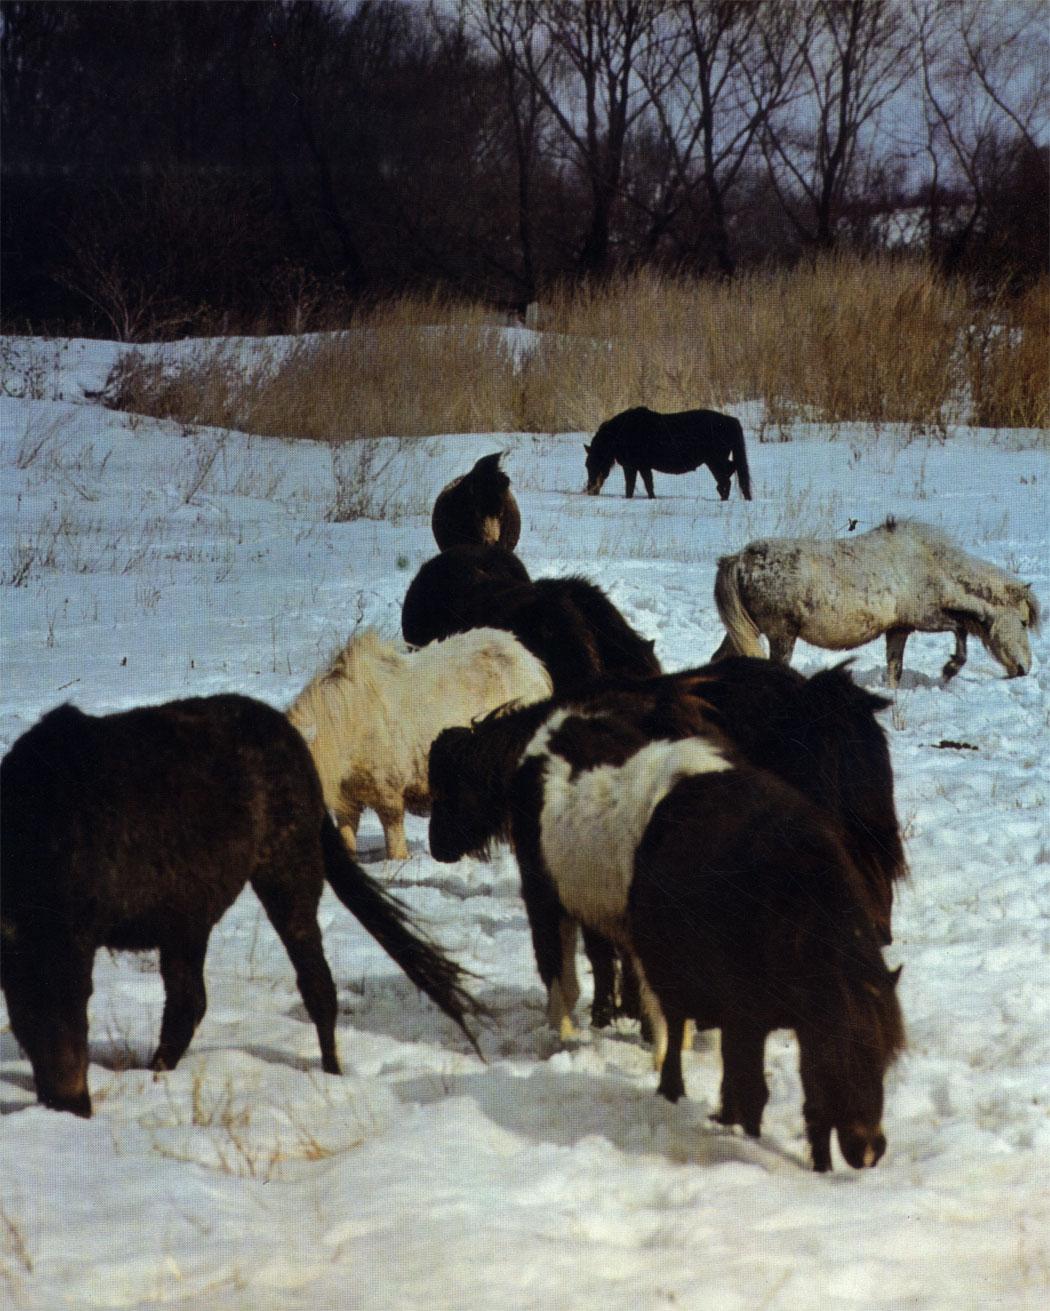 Группа шетлендских пони в Опытном конном заводе. С осени они  обрастают густым мехом и всю зиму находятся под открытым небом